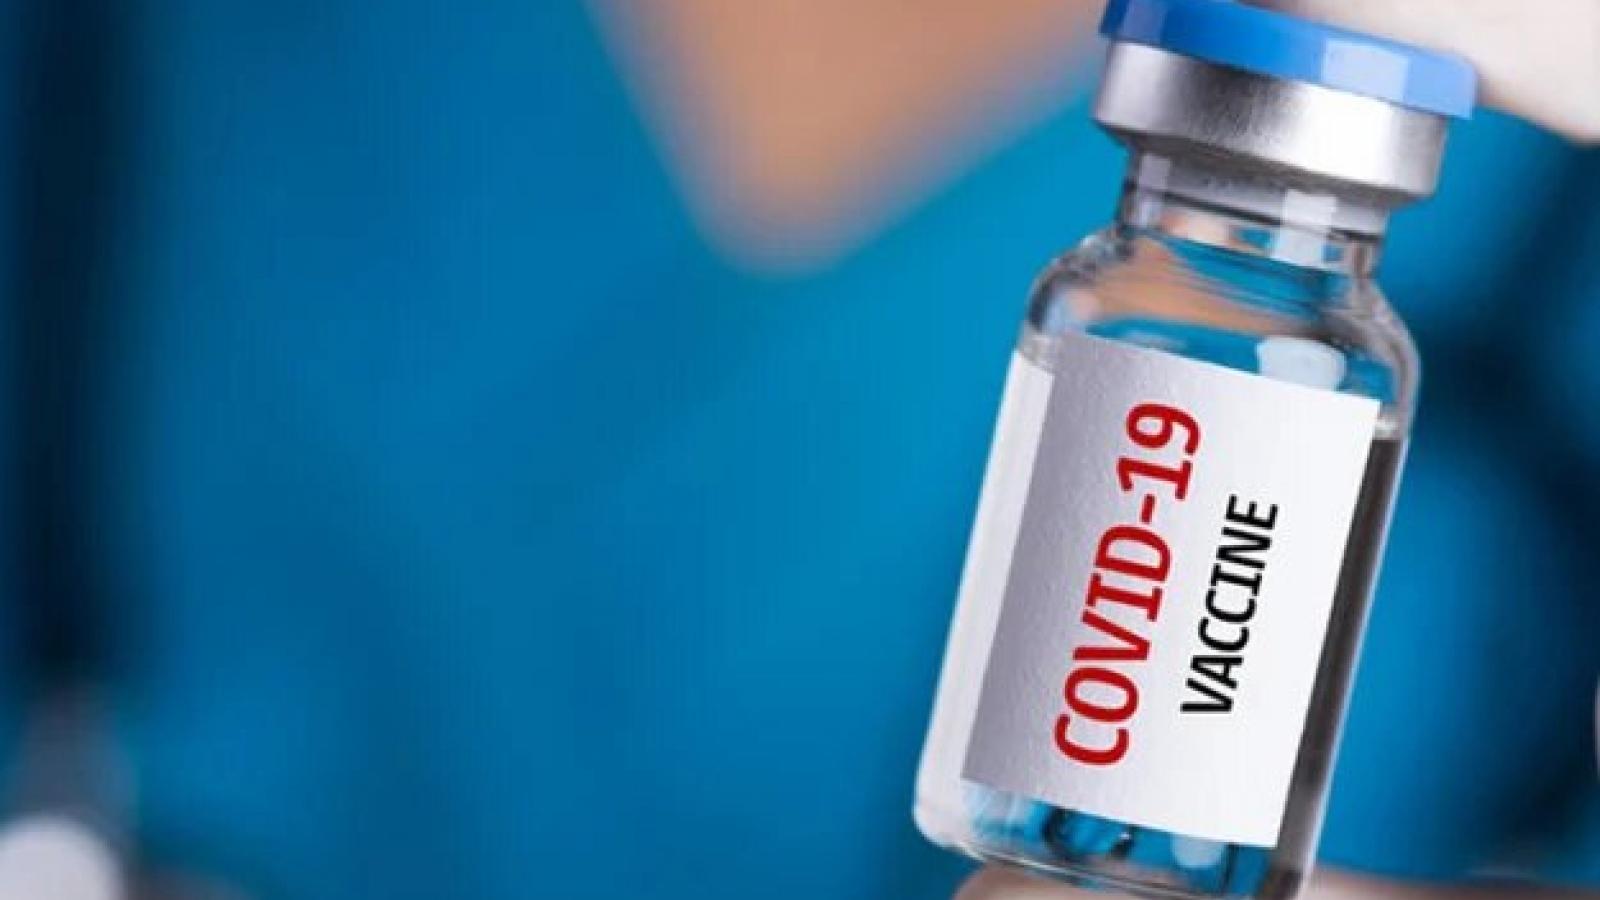 Ukraine có kế hoạch tiêm phòng vaccine Covid-19 cho khoảng 50% dân số đất nước